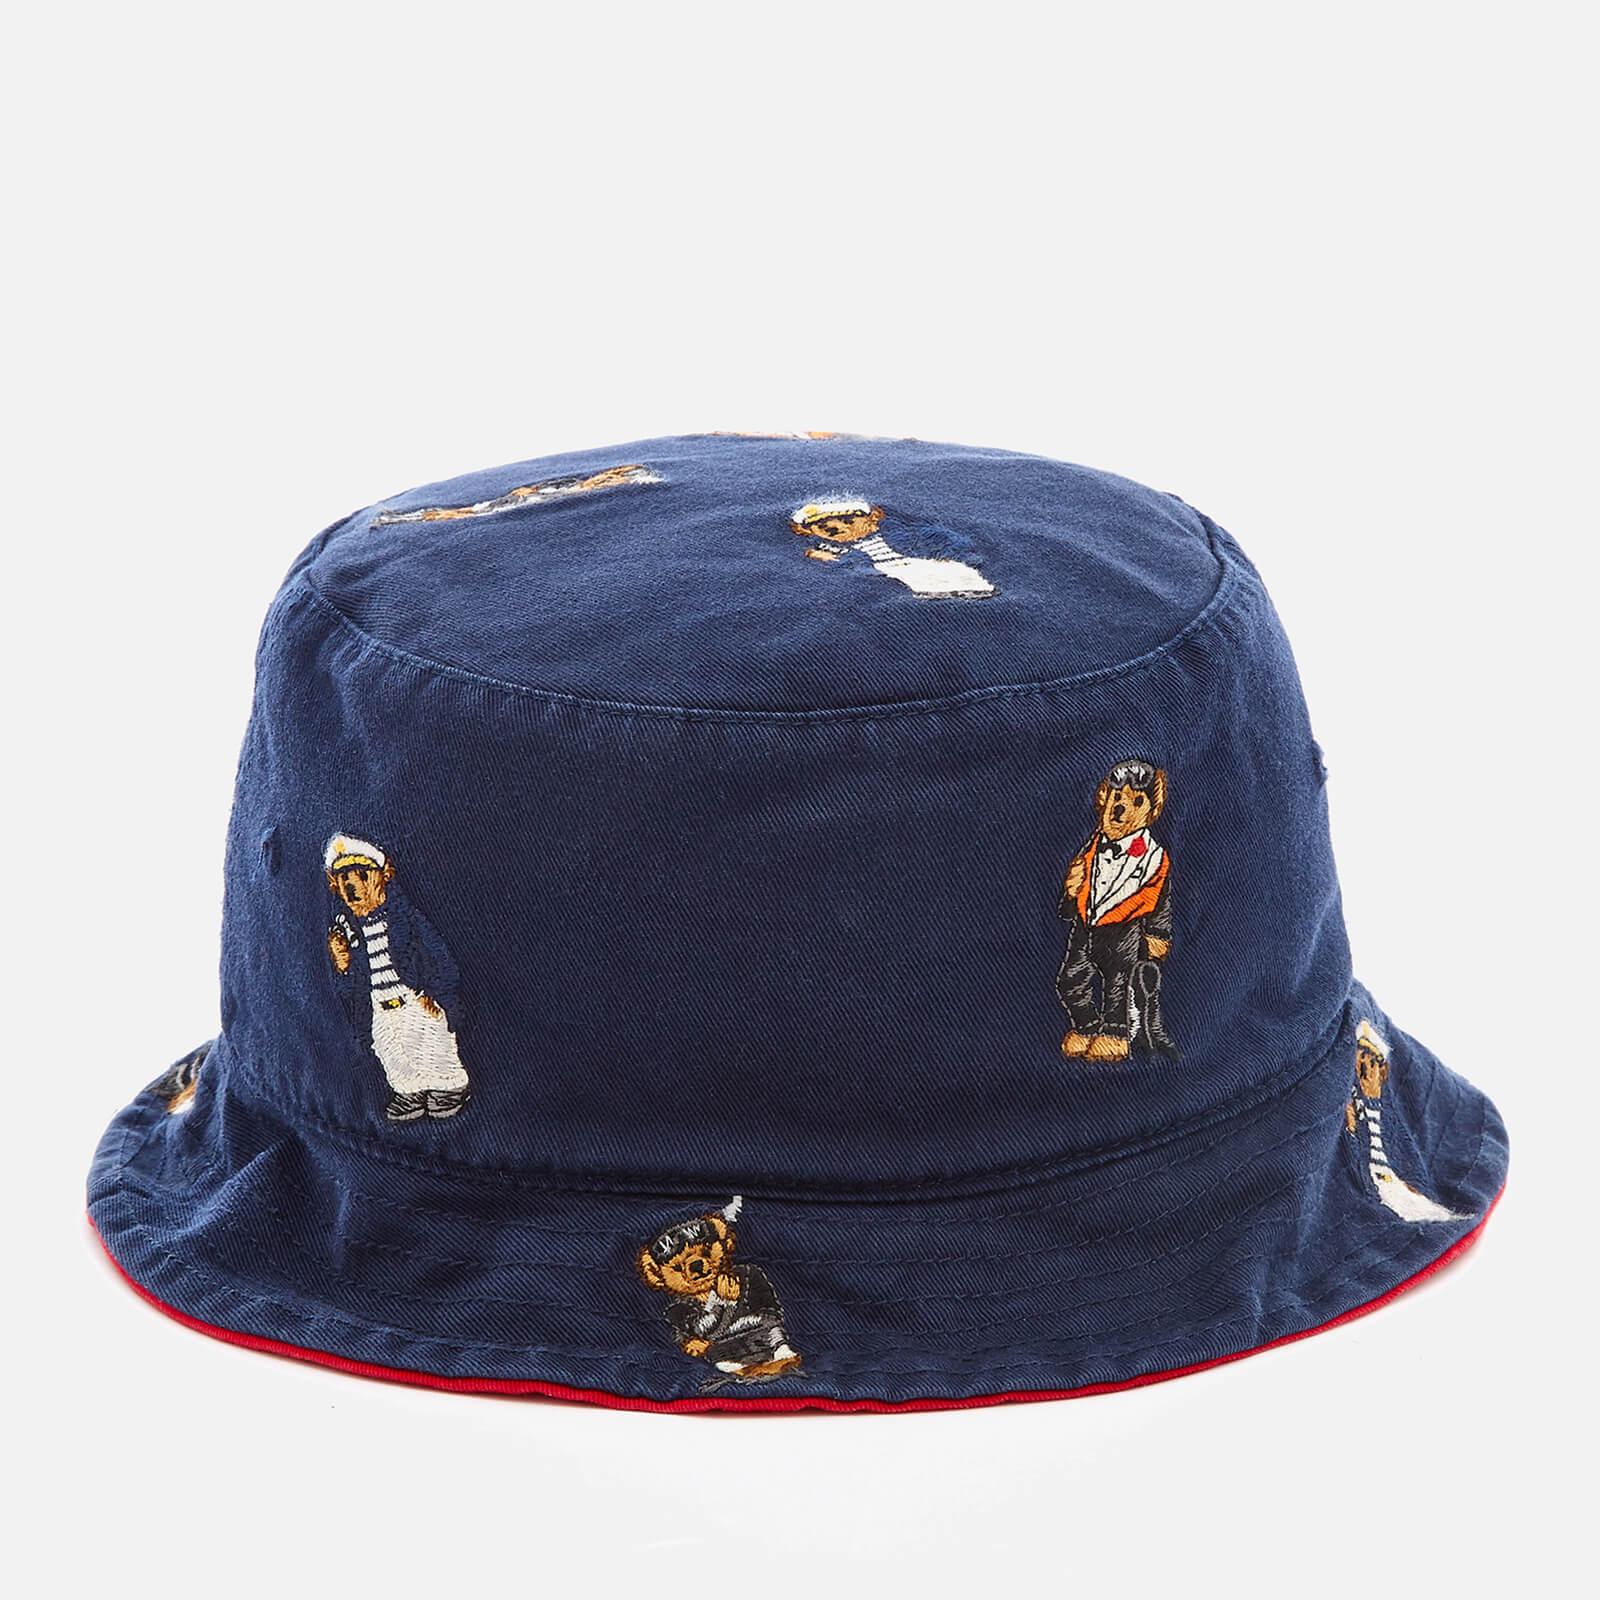 13ffe3de740613 Polo Ralph Lauren Men's Cotton Chino Bear Bucket Hat - Newport Navy - Free  UK Delivery over £50